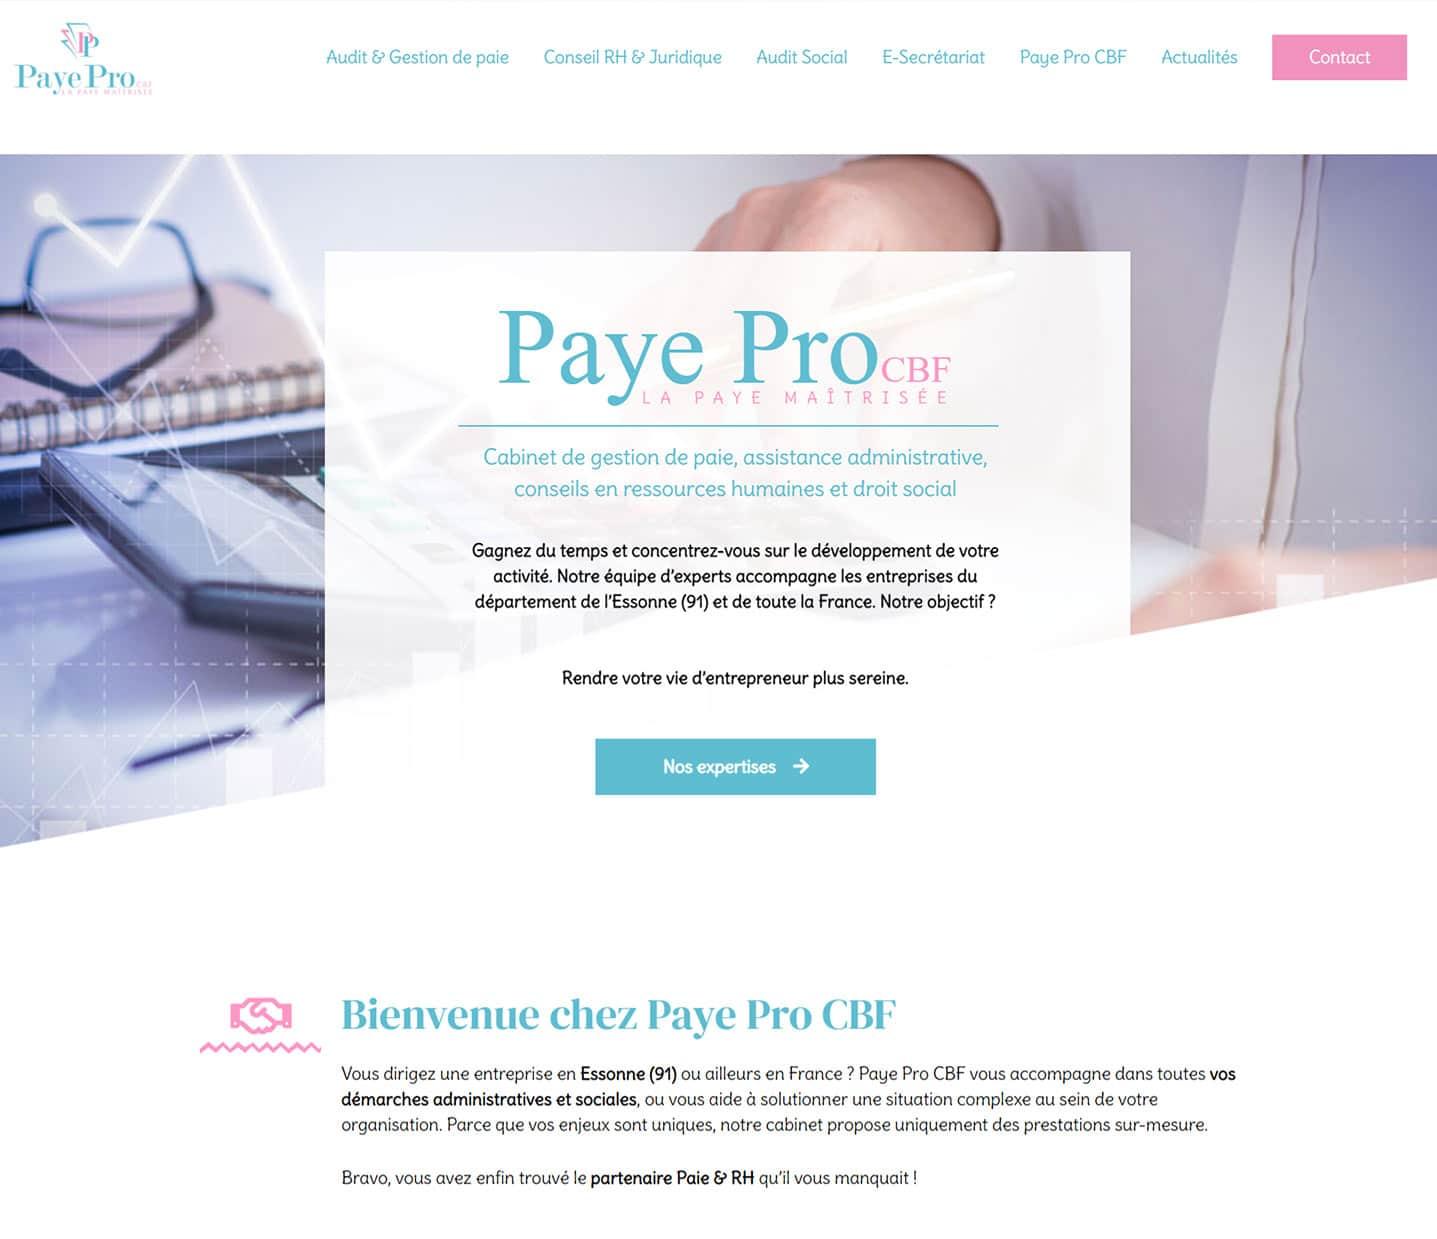 Paye-pro-cbf